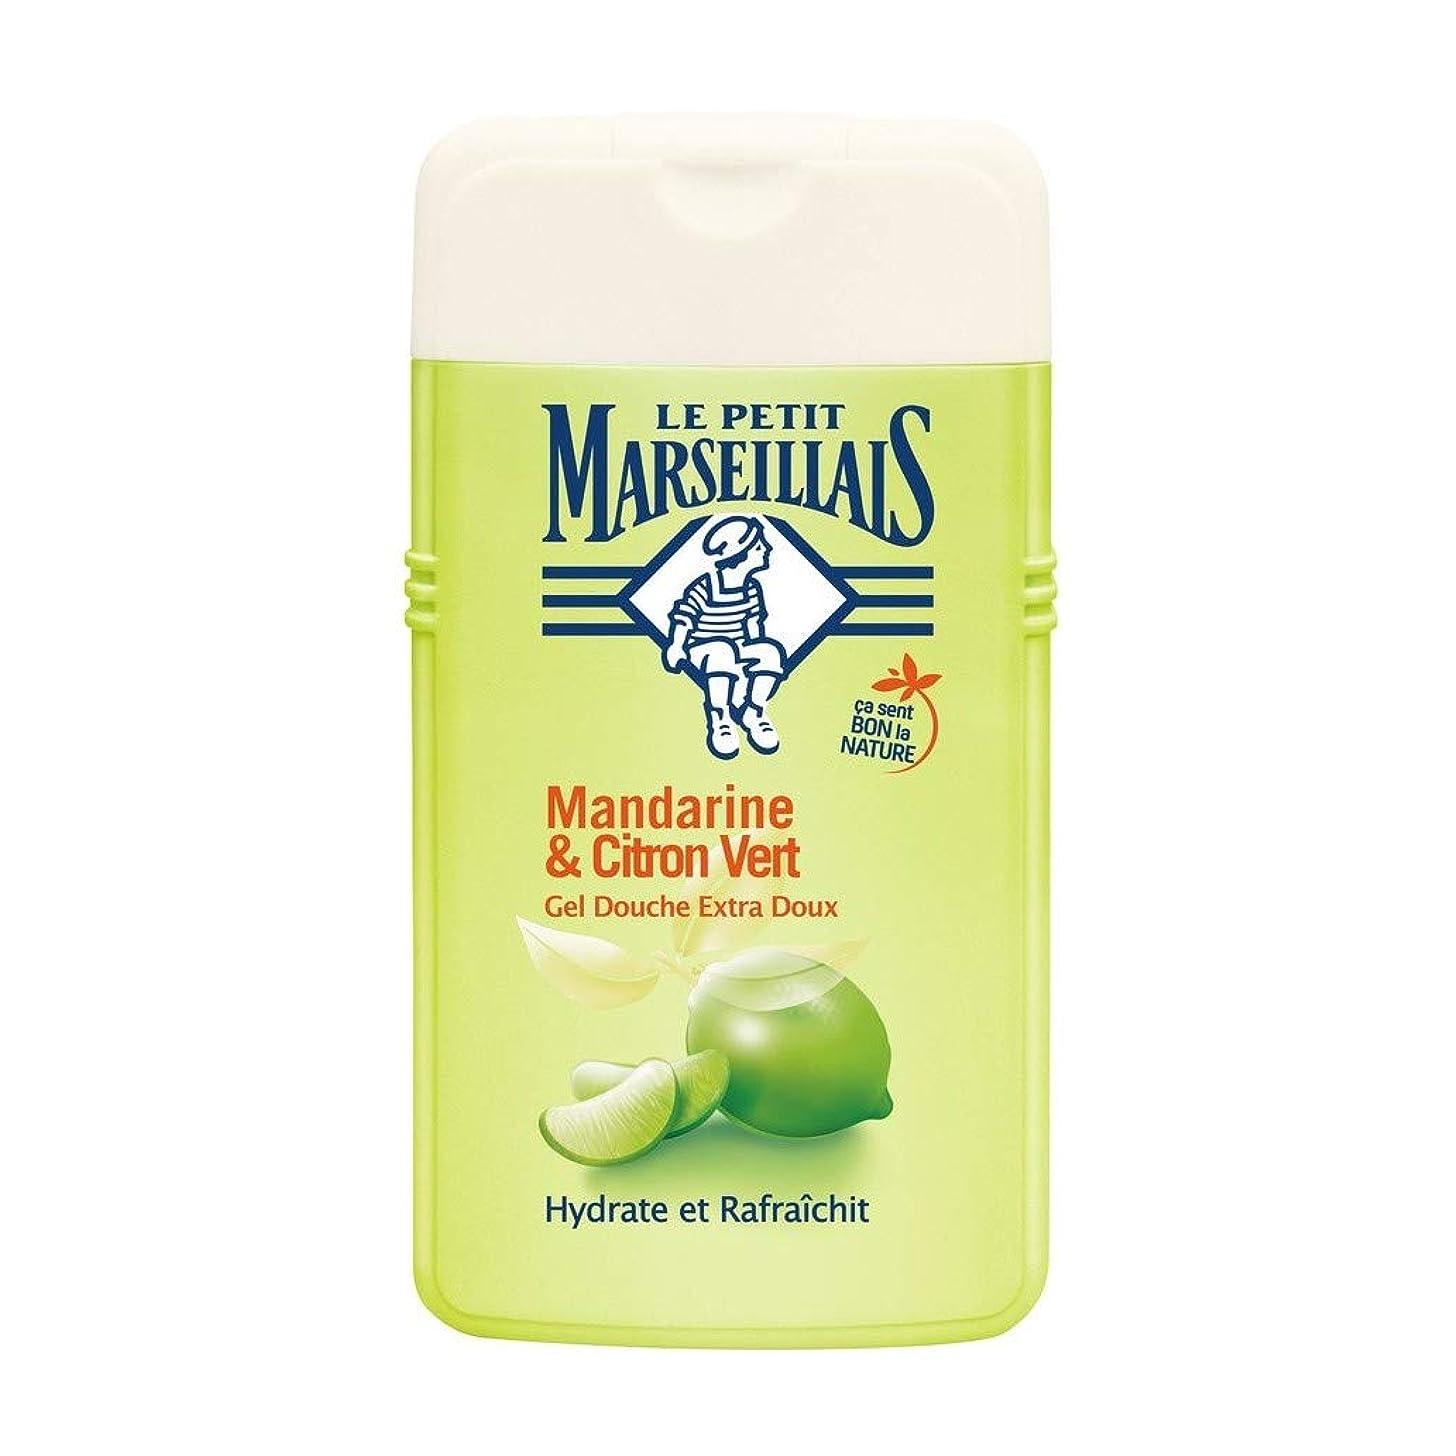 晩餐破壊的なピアル プティ マルセイユ Le Petit Marseillais シャワージェル/ボディソープ (マンダリンオレンジ と ライム, 250 ml)